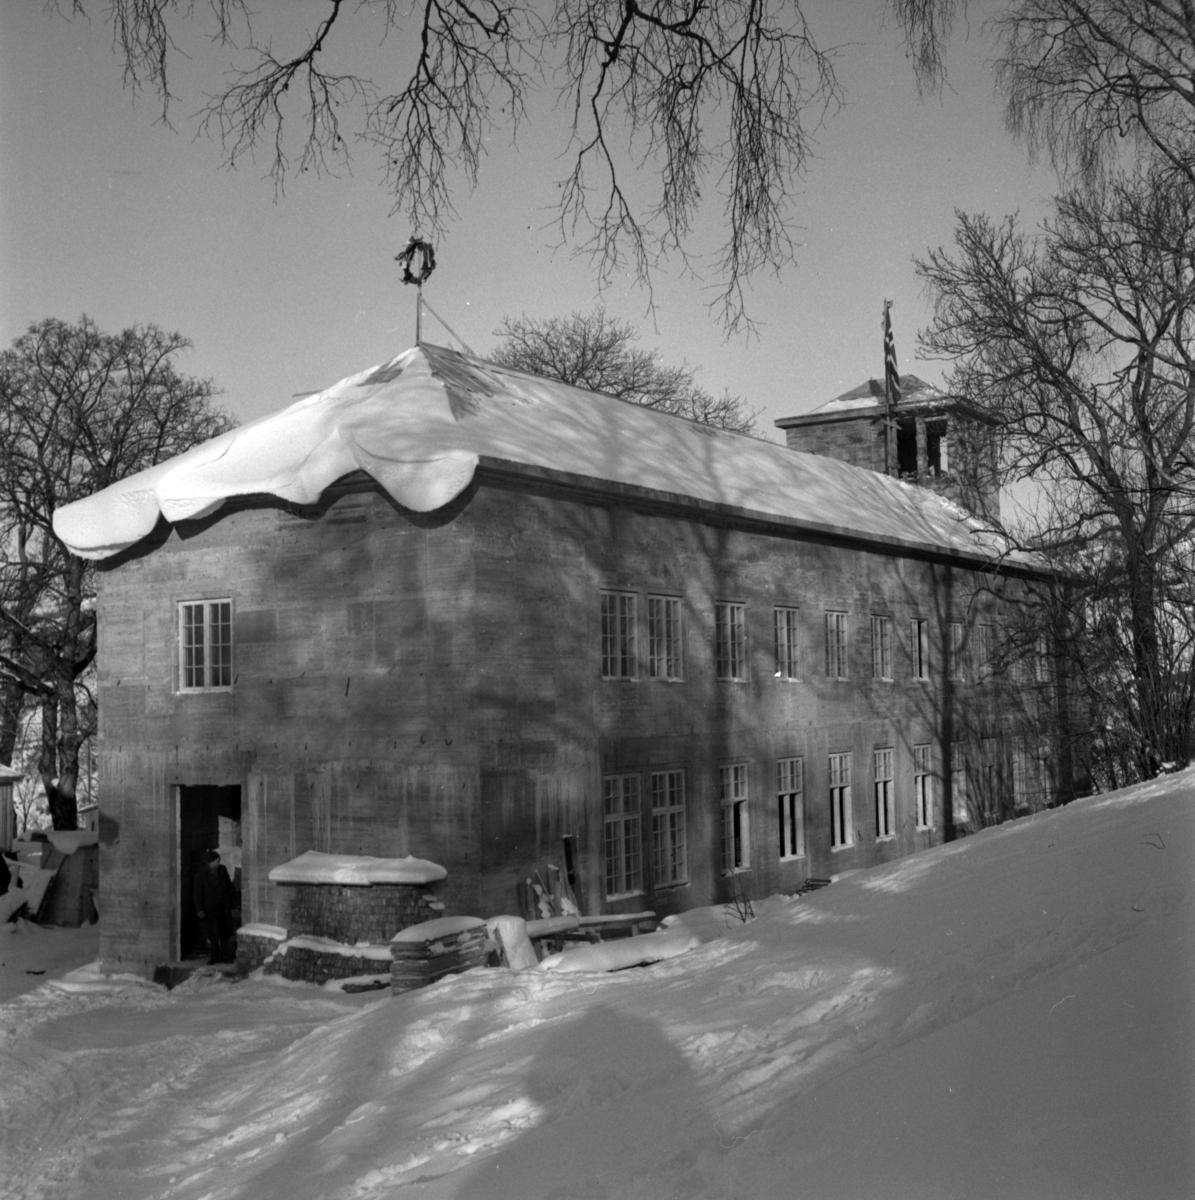 Aust-Agder-Museets første byggetrinn  - senere arkivfløy -  på Langsæ.  Kranselag. Vinter med snøl. Mennesker i døråpningen.